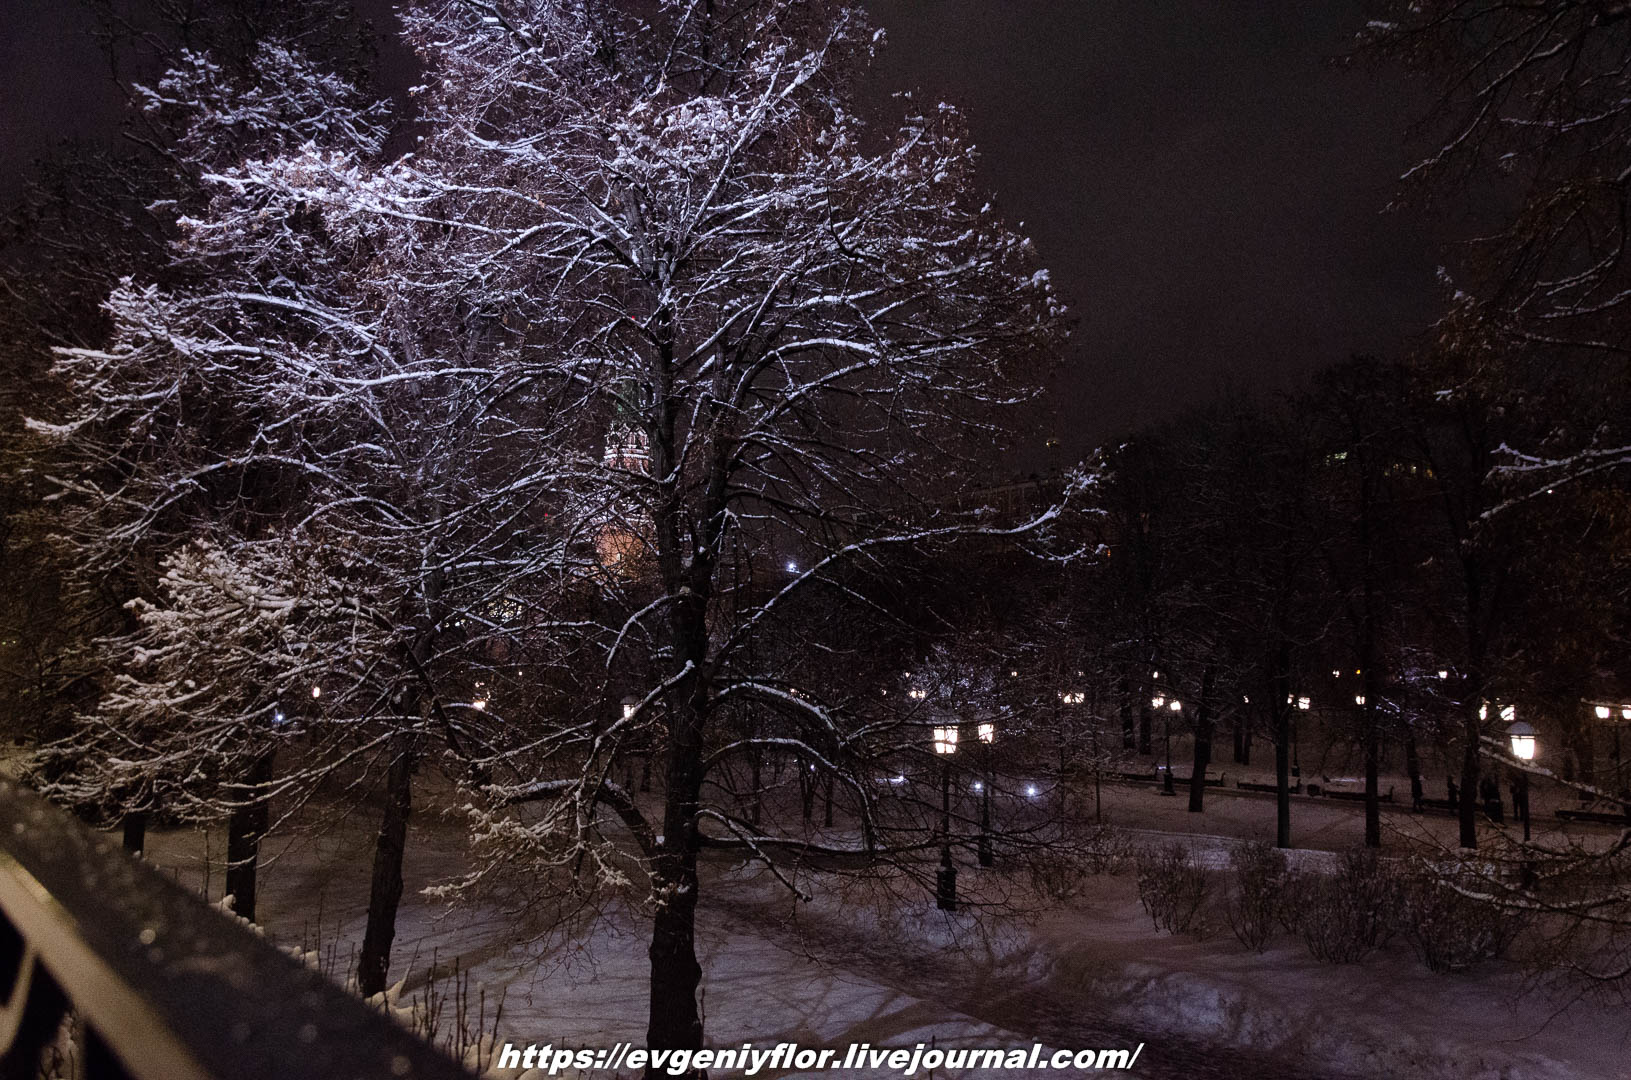 Вечерняя прогулка после снегопада    13 02 - 2019 Среда !Новая папка (2)6780.jpg